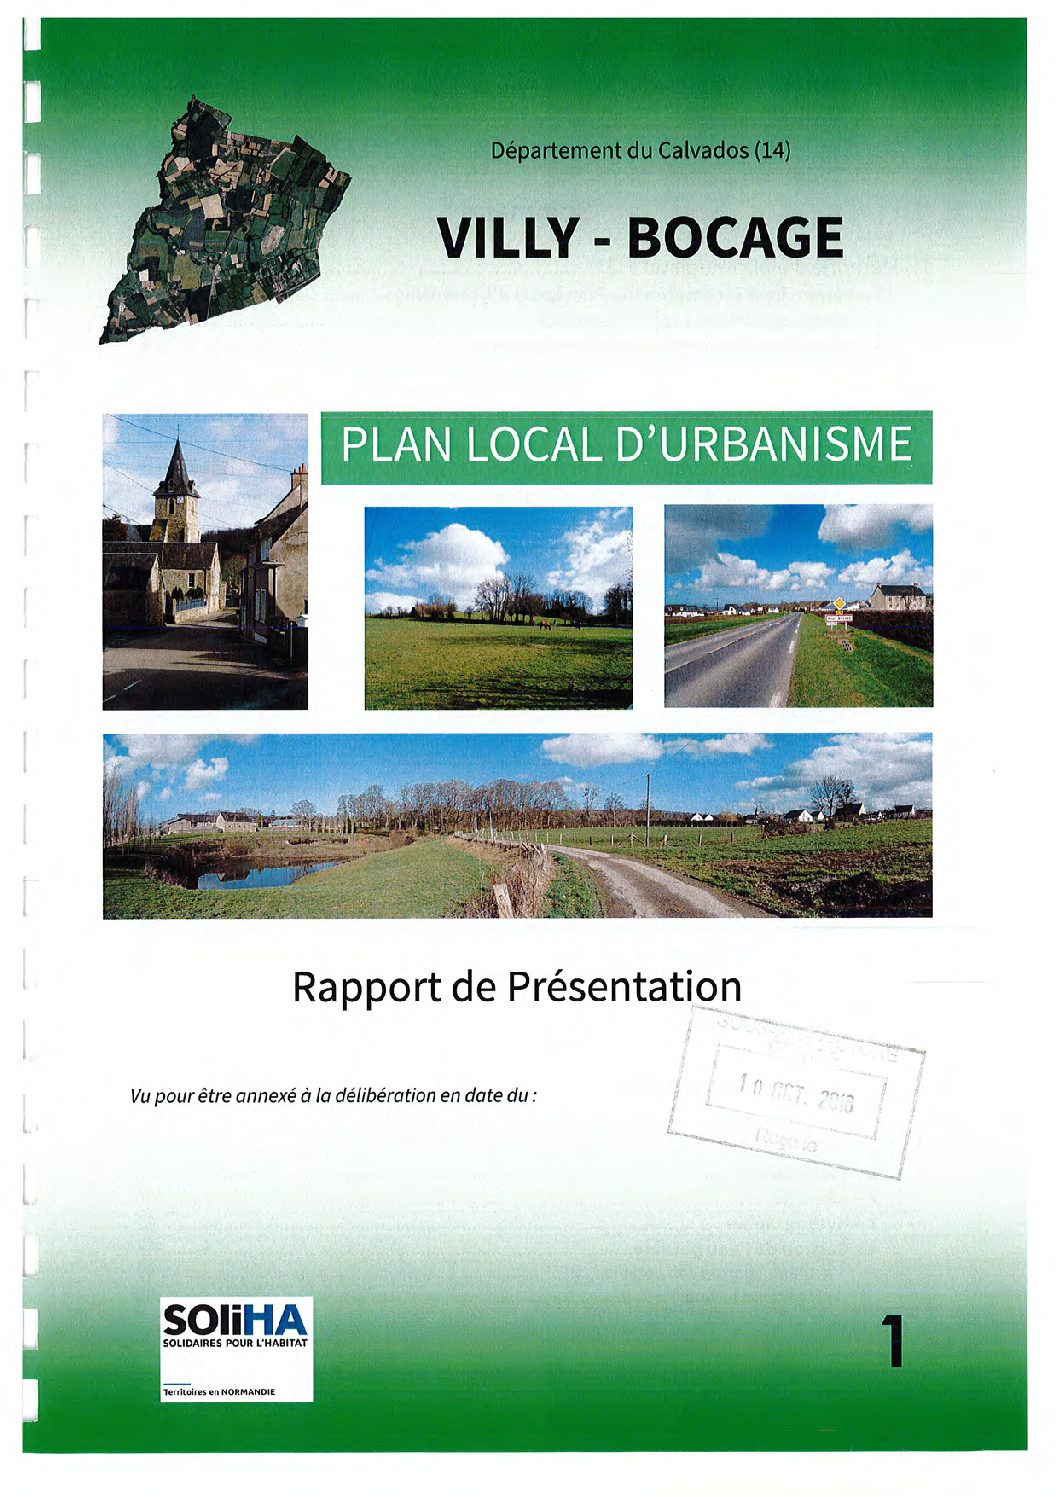 Villy-Bocage : Rapport de présentation AP2